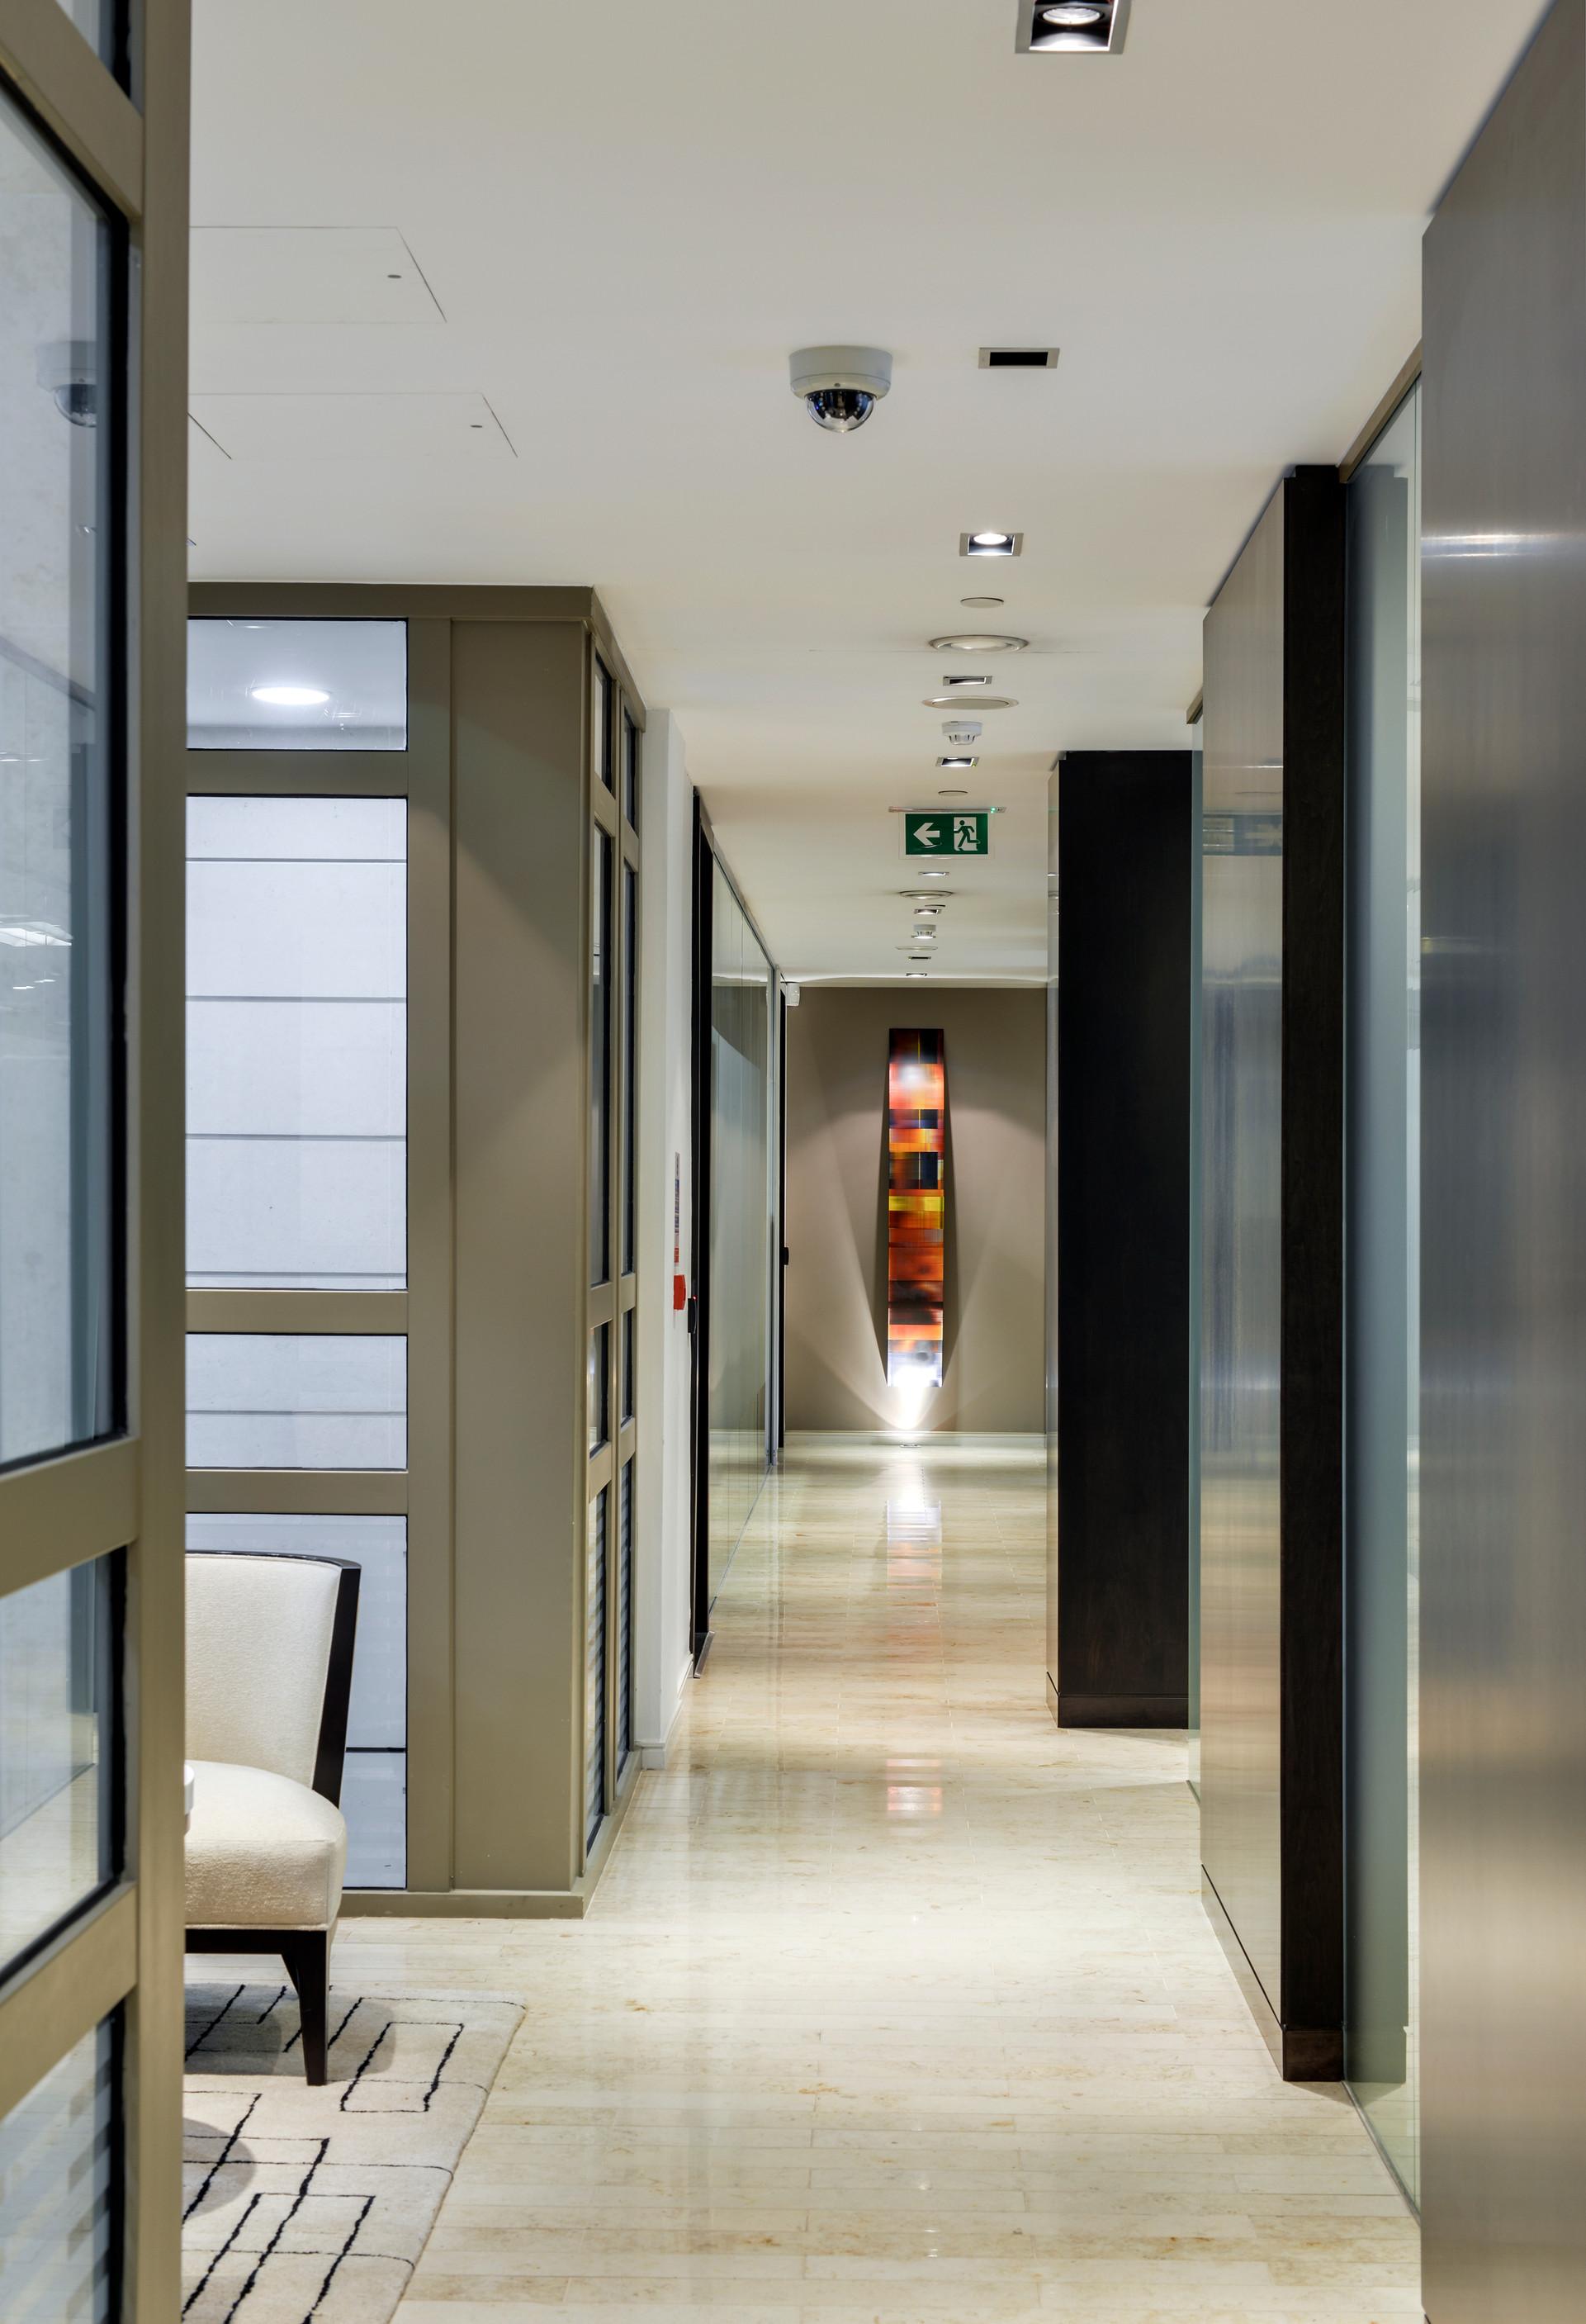 K_1st floor 4.jpg